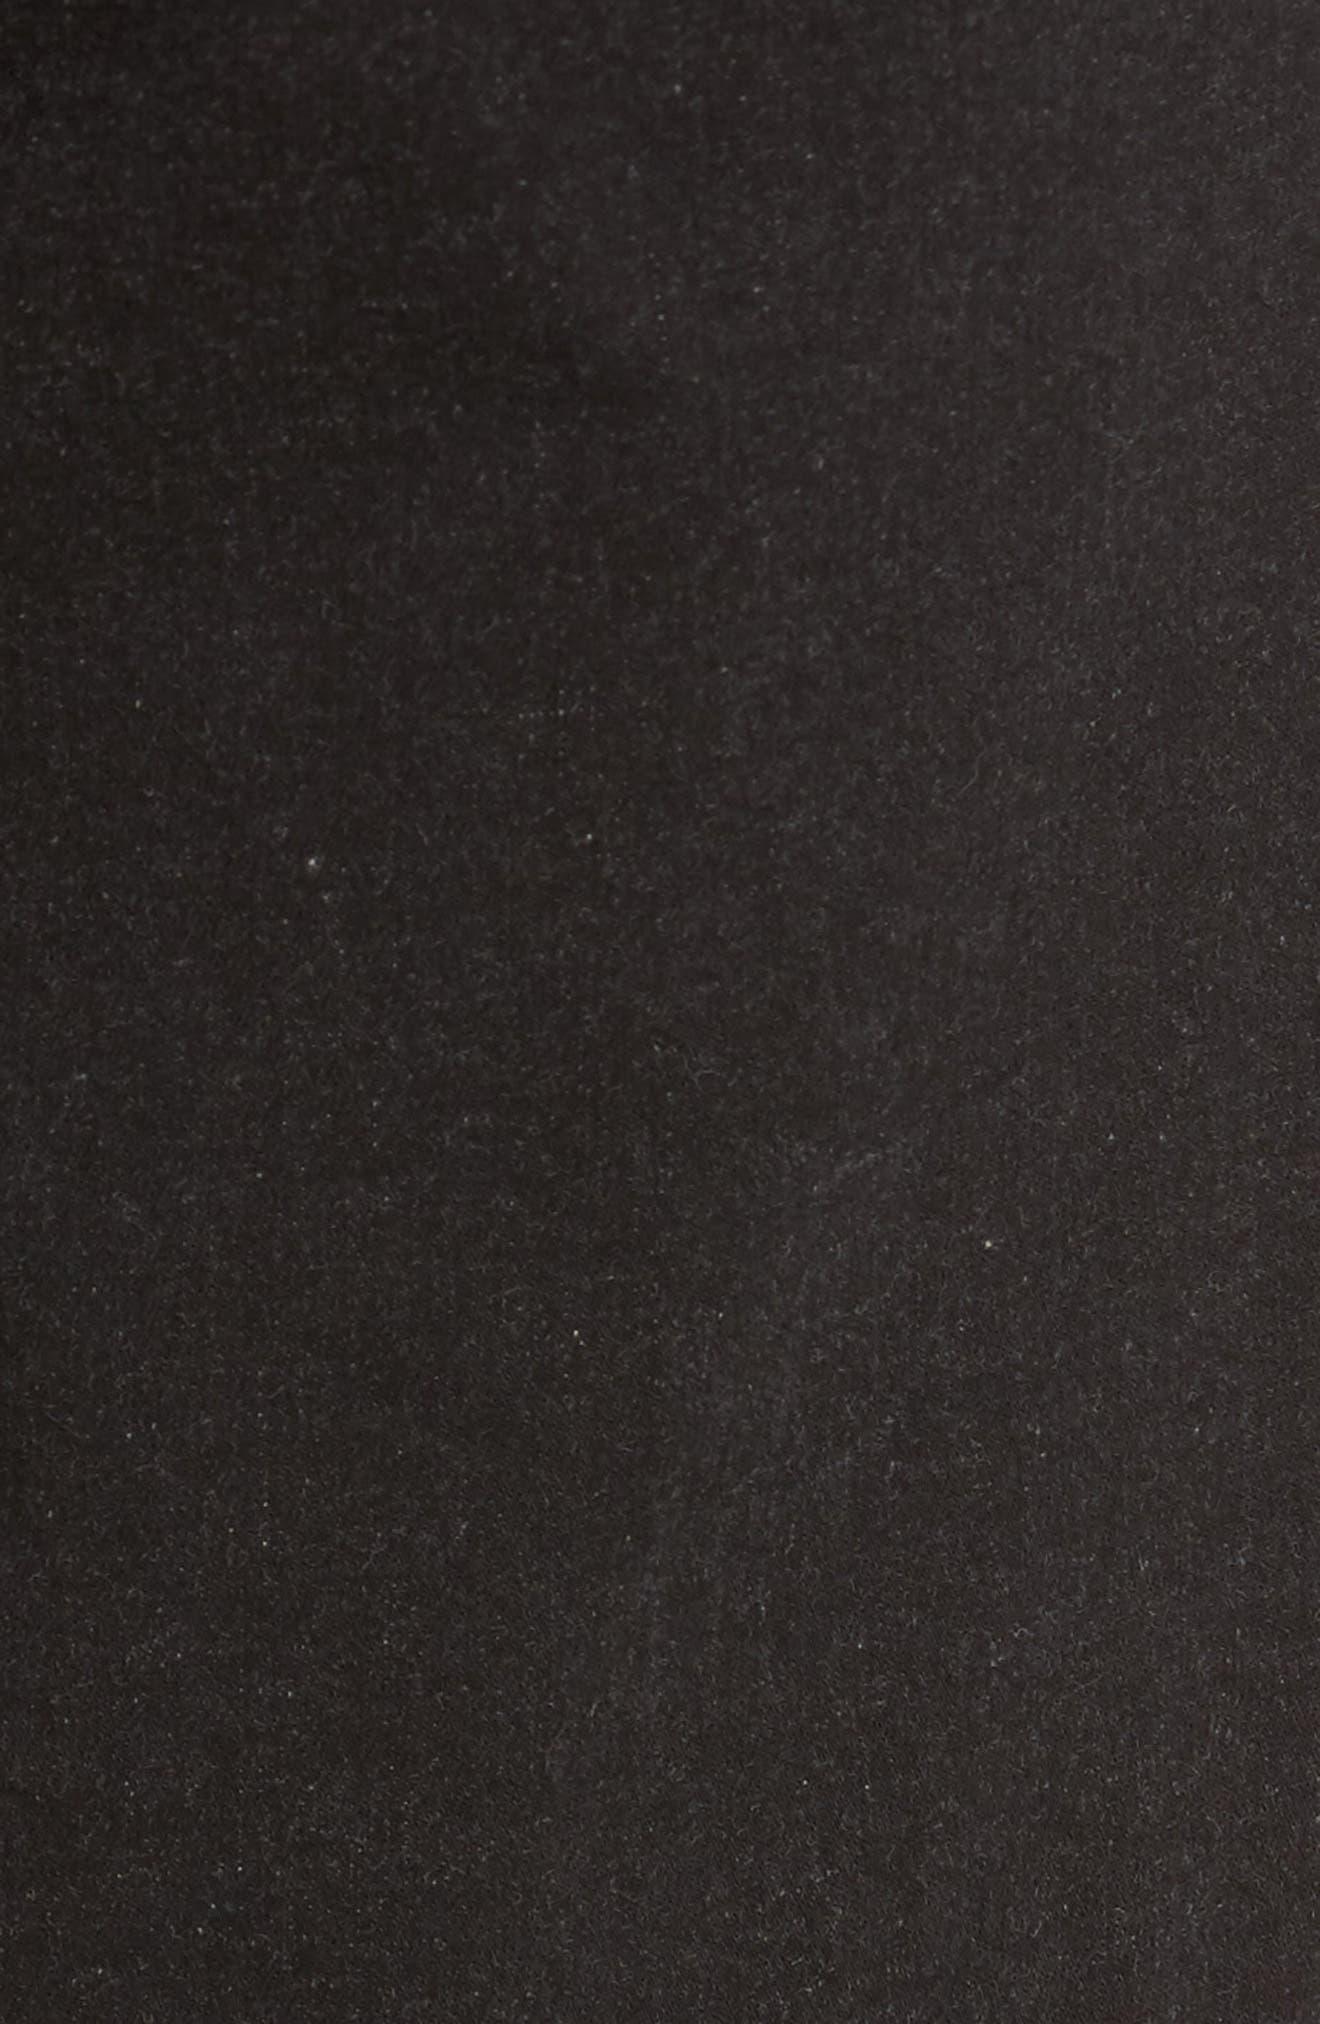 Sureshot Chino Shorts,                             Alternate thumbnail 5, color,                             001